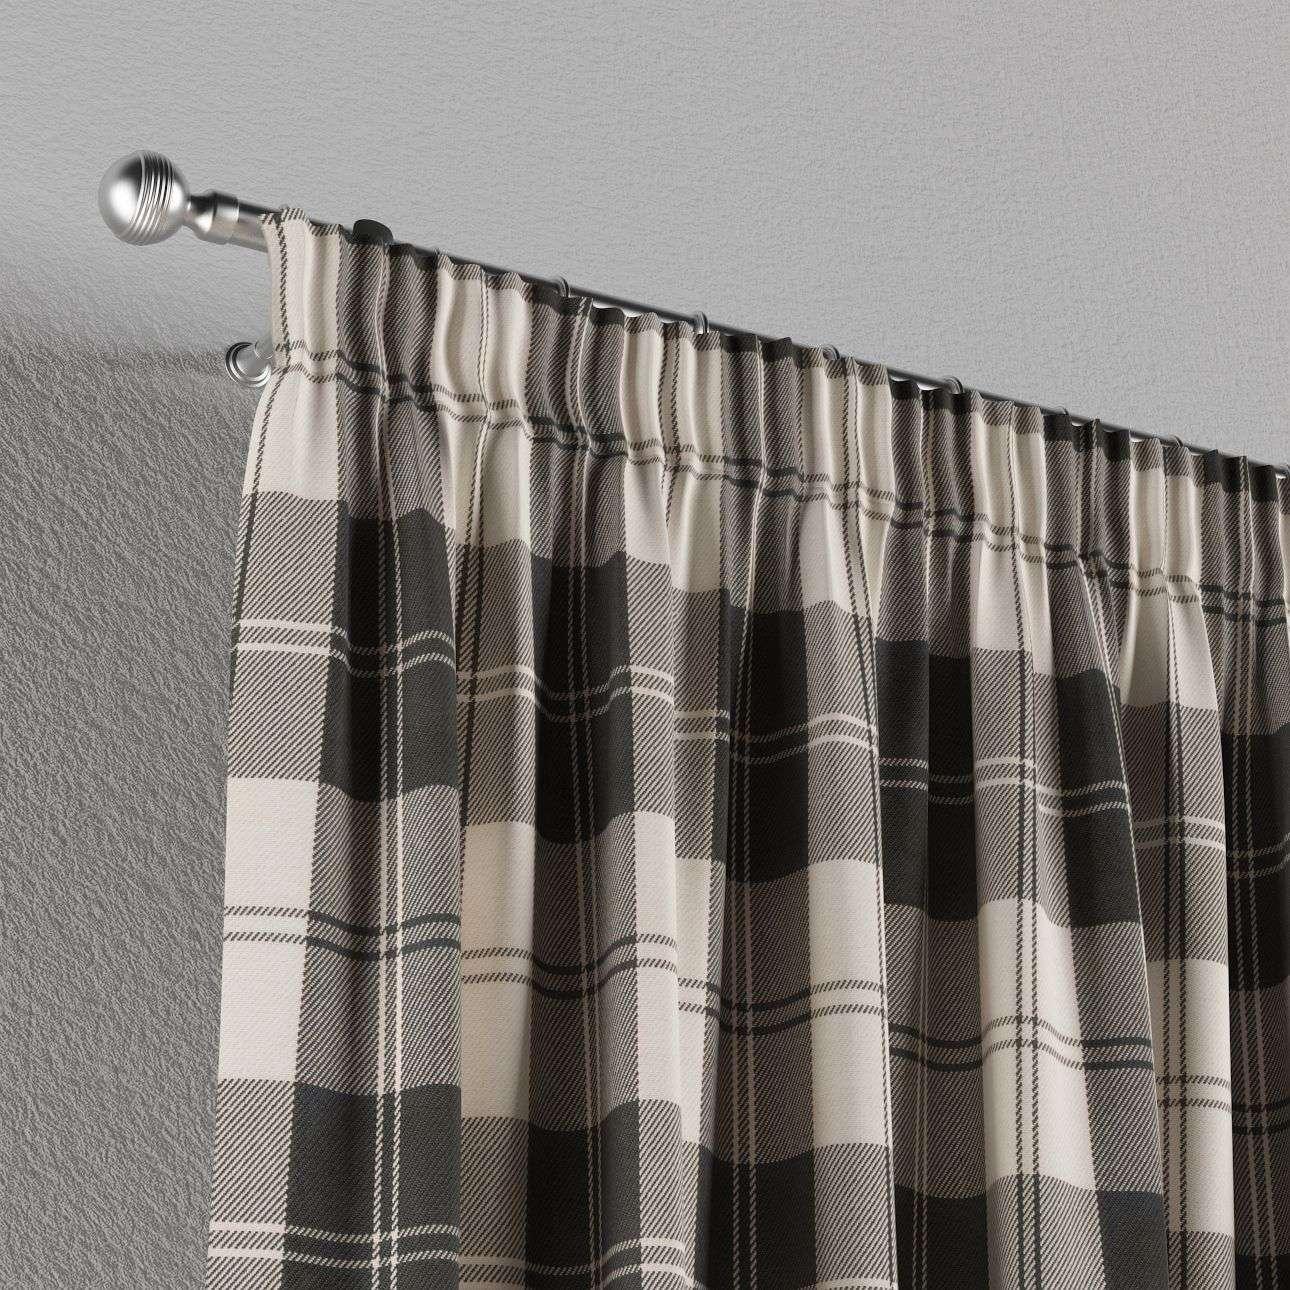 Vorhang mit Kräuselband 1 Stck. 130 x 260 cm von der Kollektion Edinburgh , Stoff: 115-74